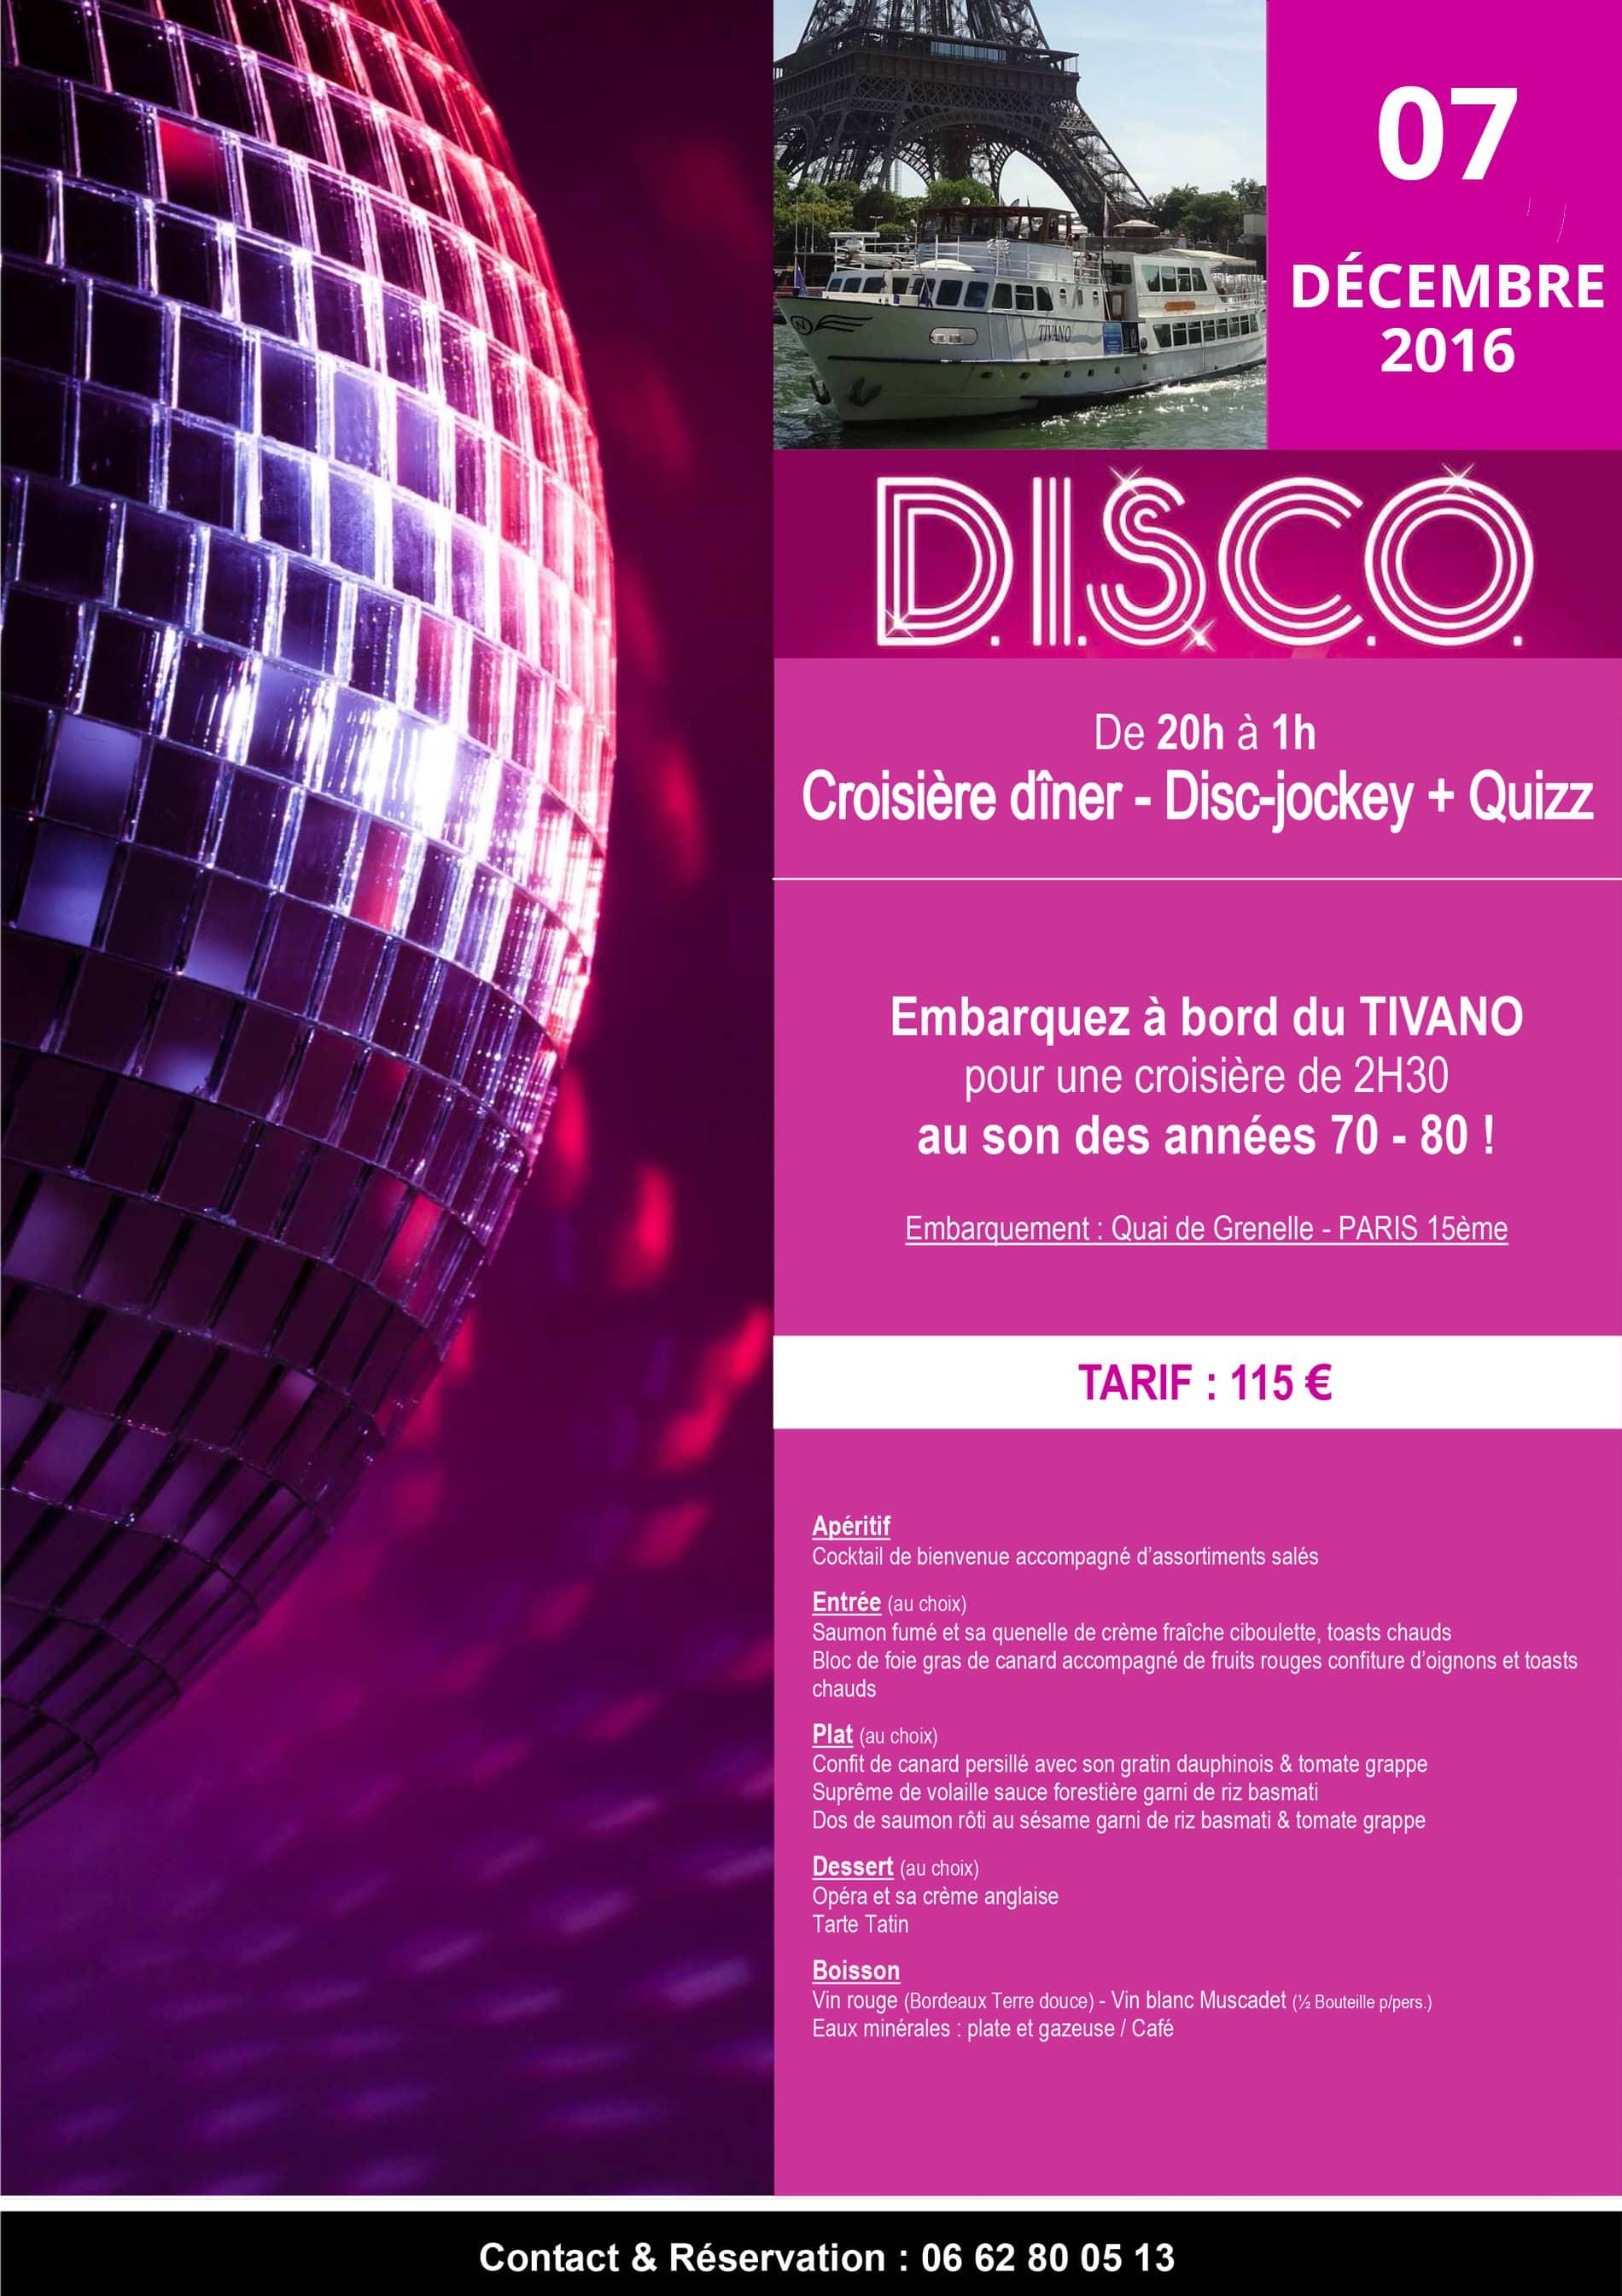 Soirée Disco Tivano